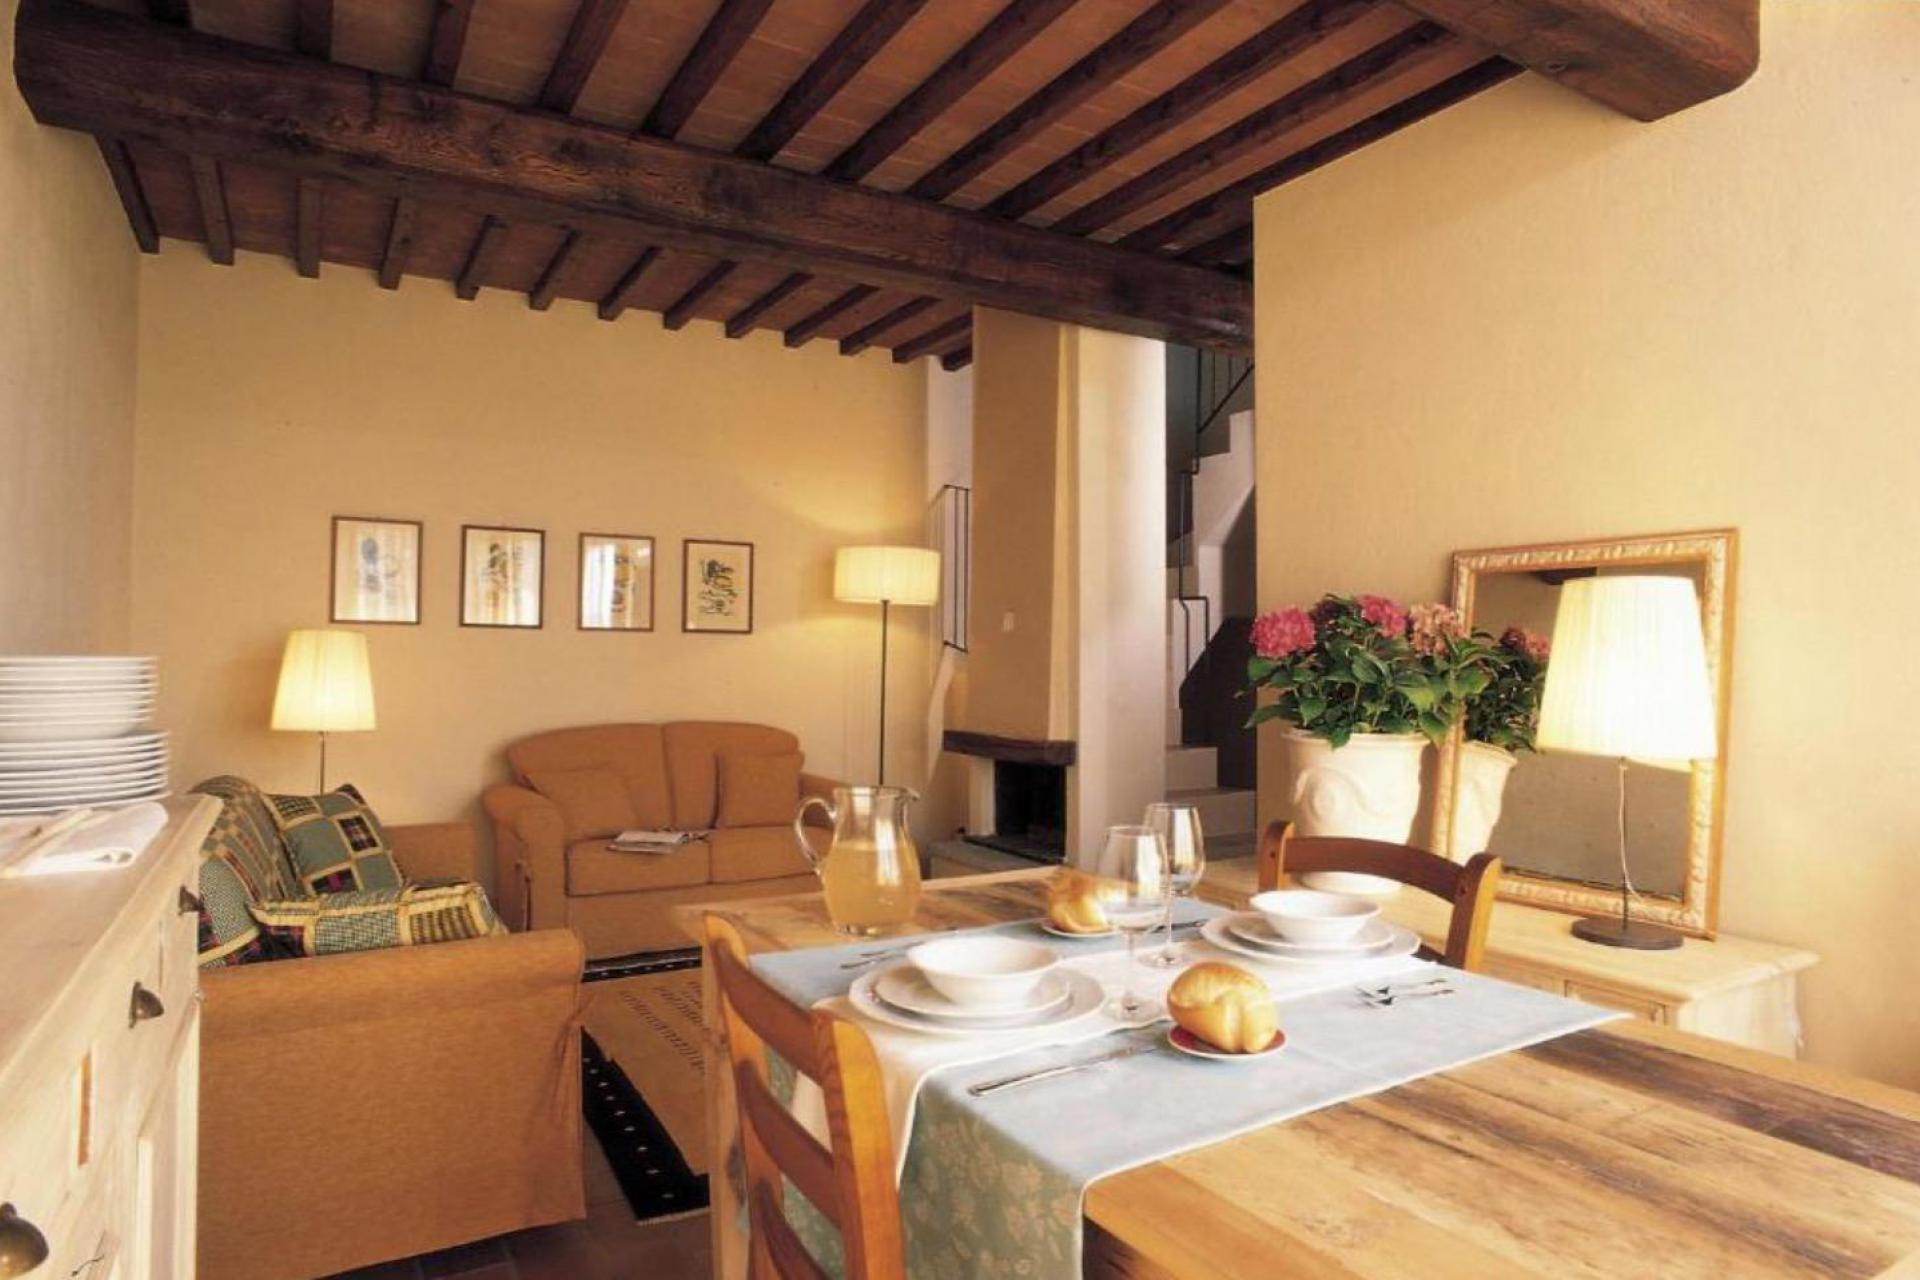 Agriturismo Toscane Agriturismo Toscane met echte Italiaanse gastvrijheid